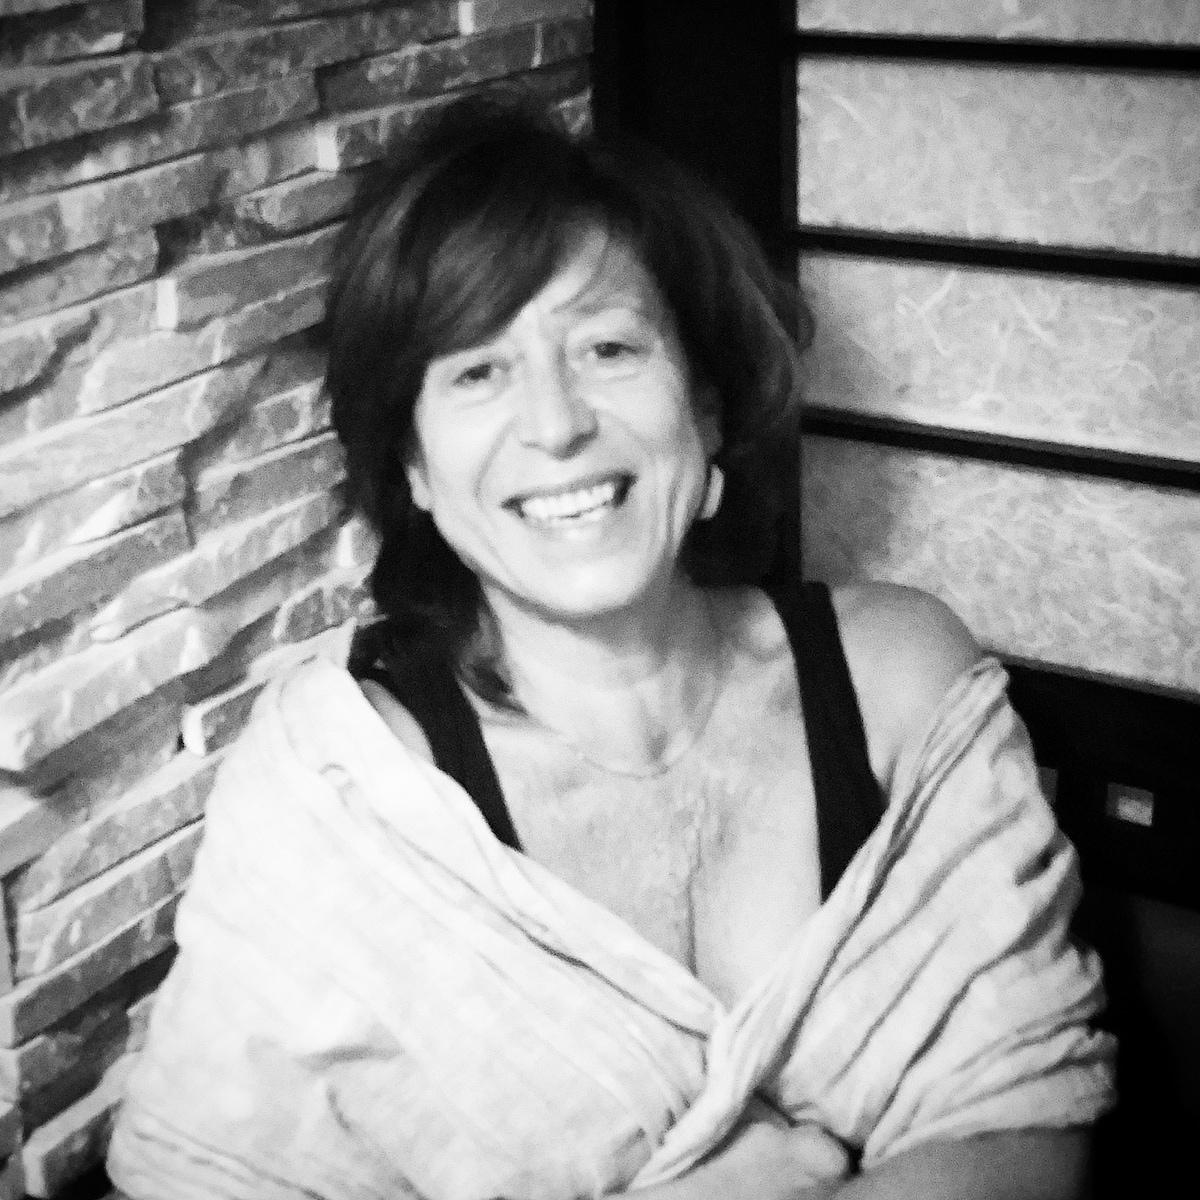 Monica Aitanga From Monte Migliore-la Selvotta, Italy